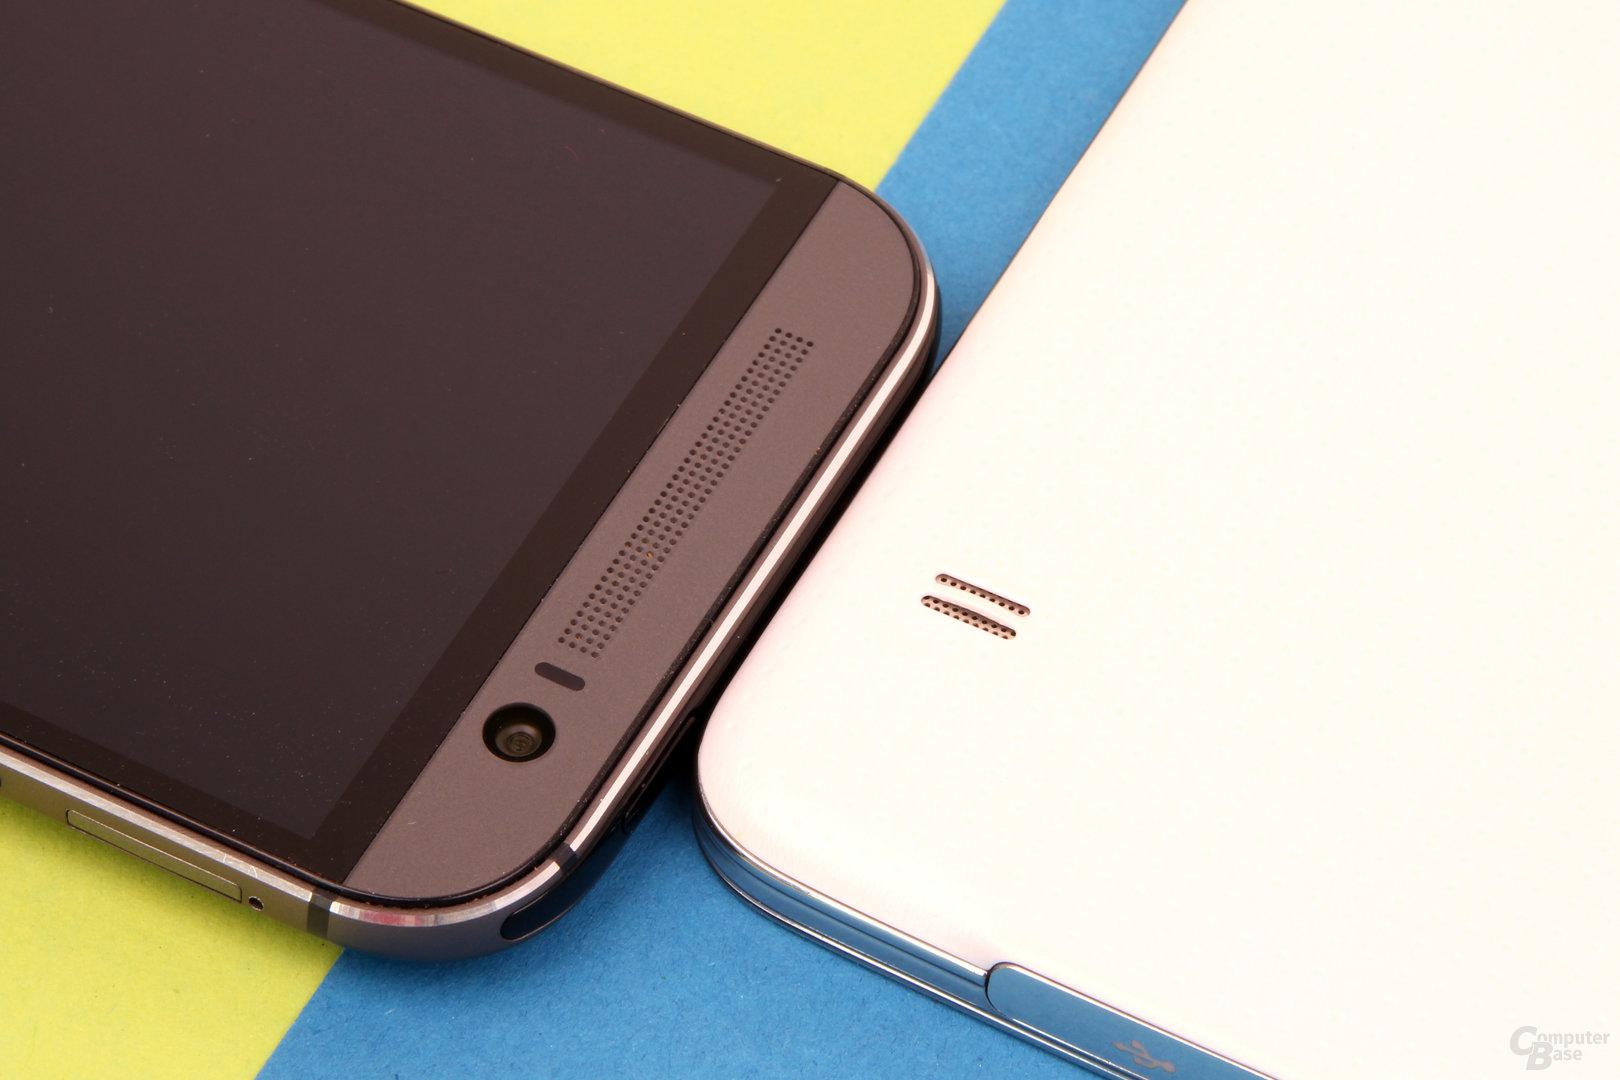 HTC One (M8) und Samsung Galaxy S5: BoomSound vs. Standard